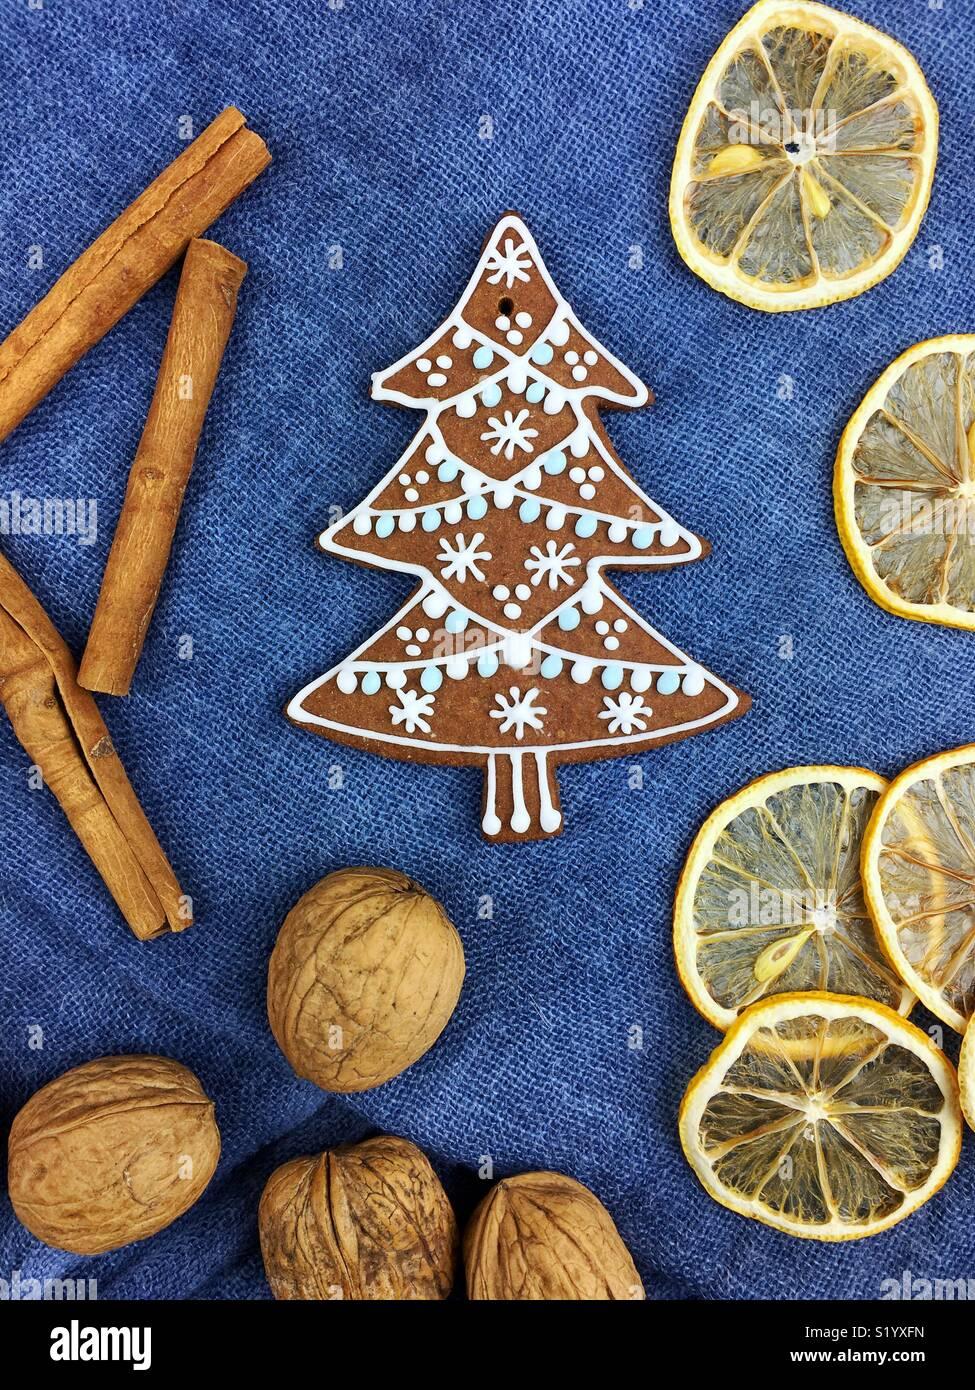 Pan de jengibre galletas de Navidad decoración Imagen De Stock